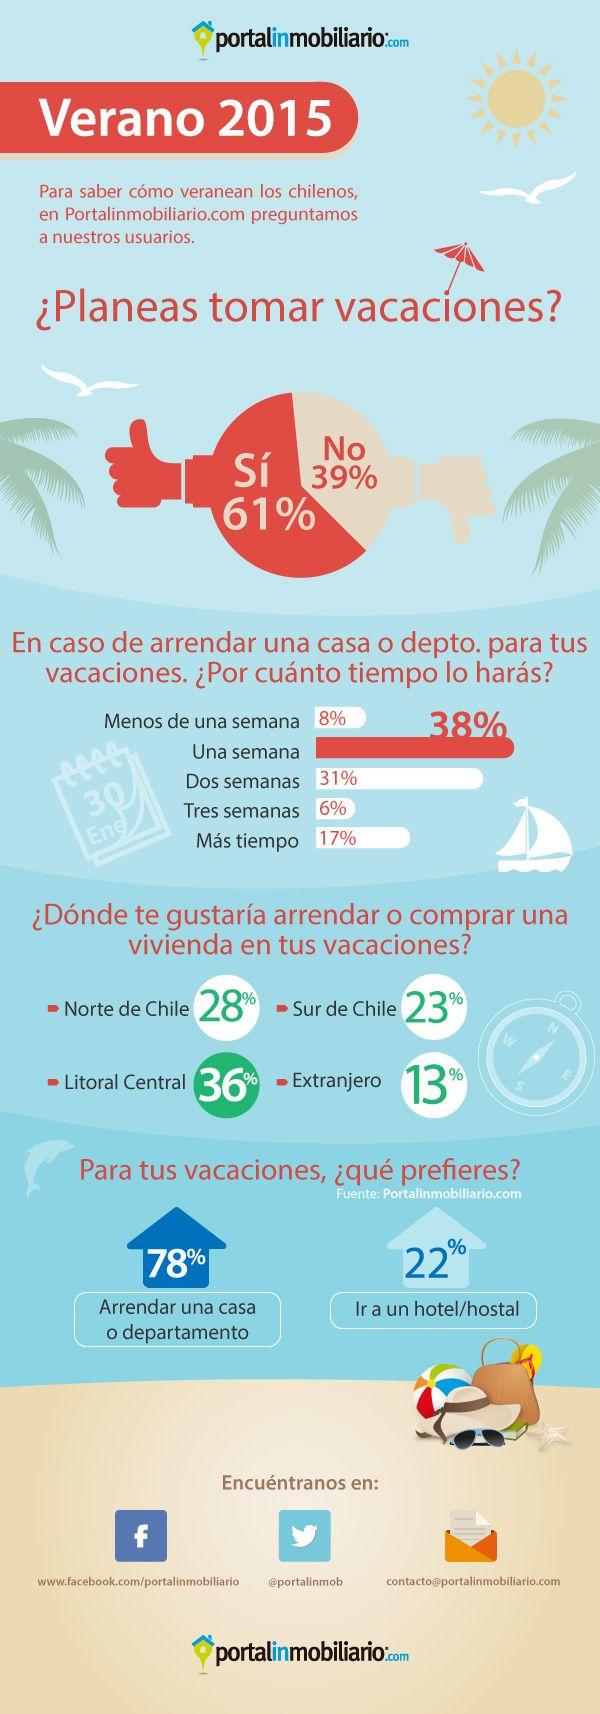 Para saber cómo veranean los chilenos, Portalinmobiliario.com realizó diversas encuestas relacionadas con el tema en su sitio web.